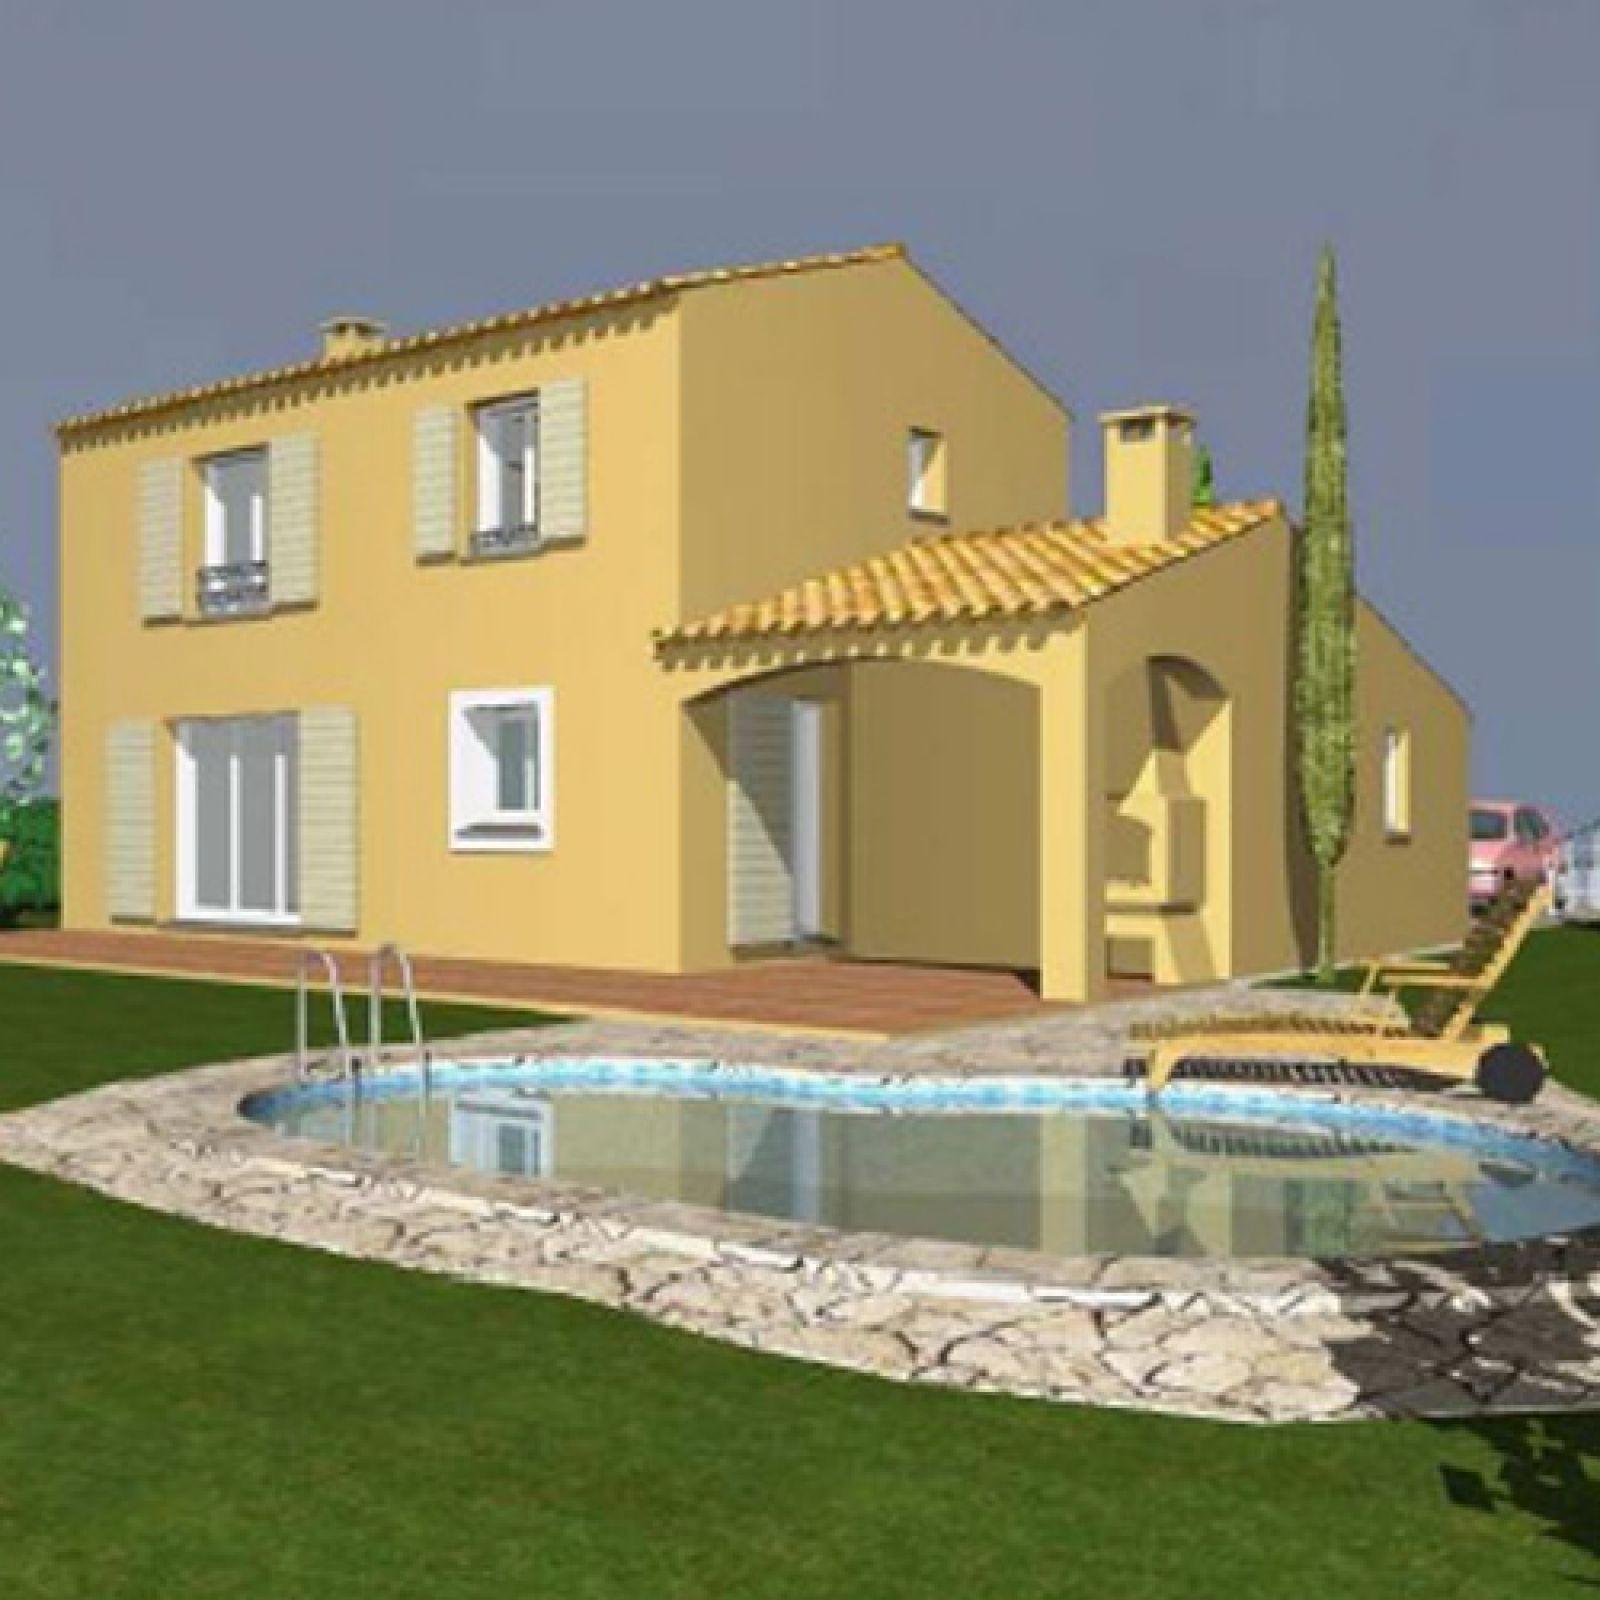 Porche D Entrée Maison Contemporaine bastide contemporaine à etage avec auvent - provence maisons